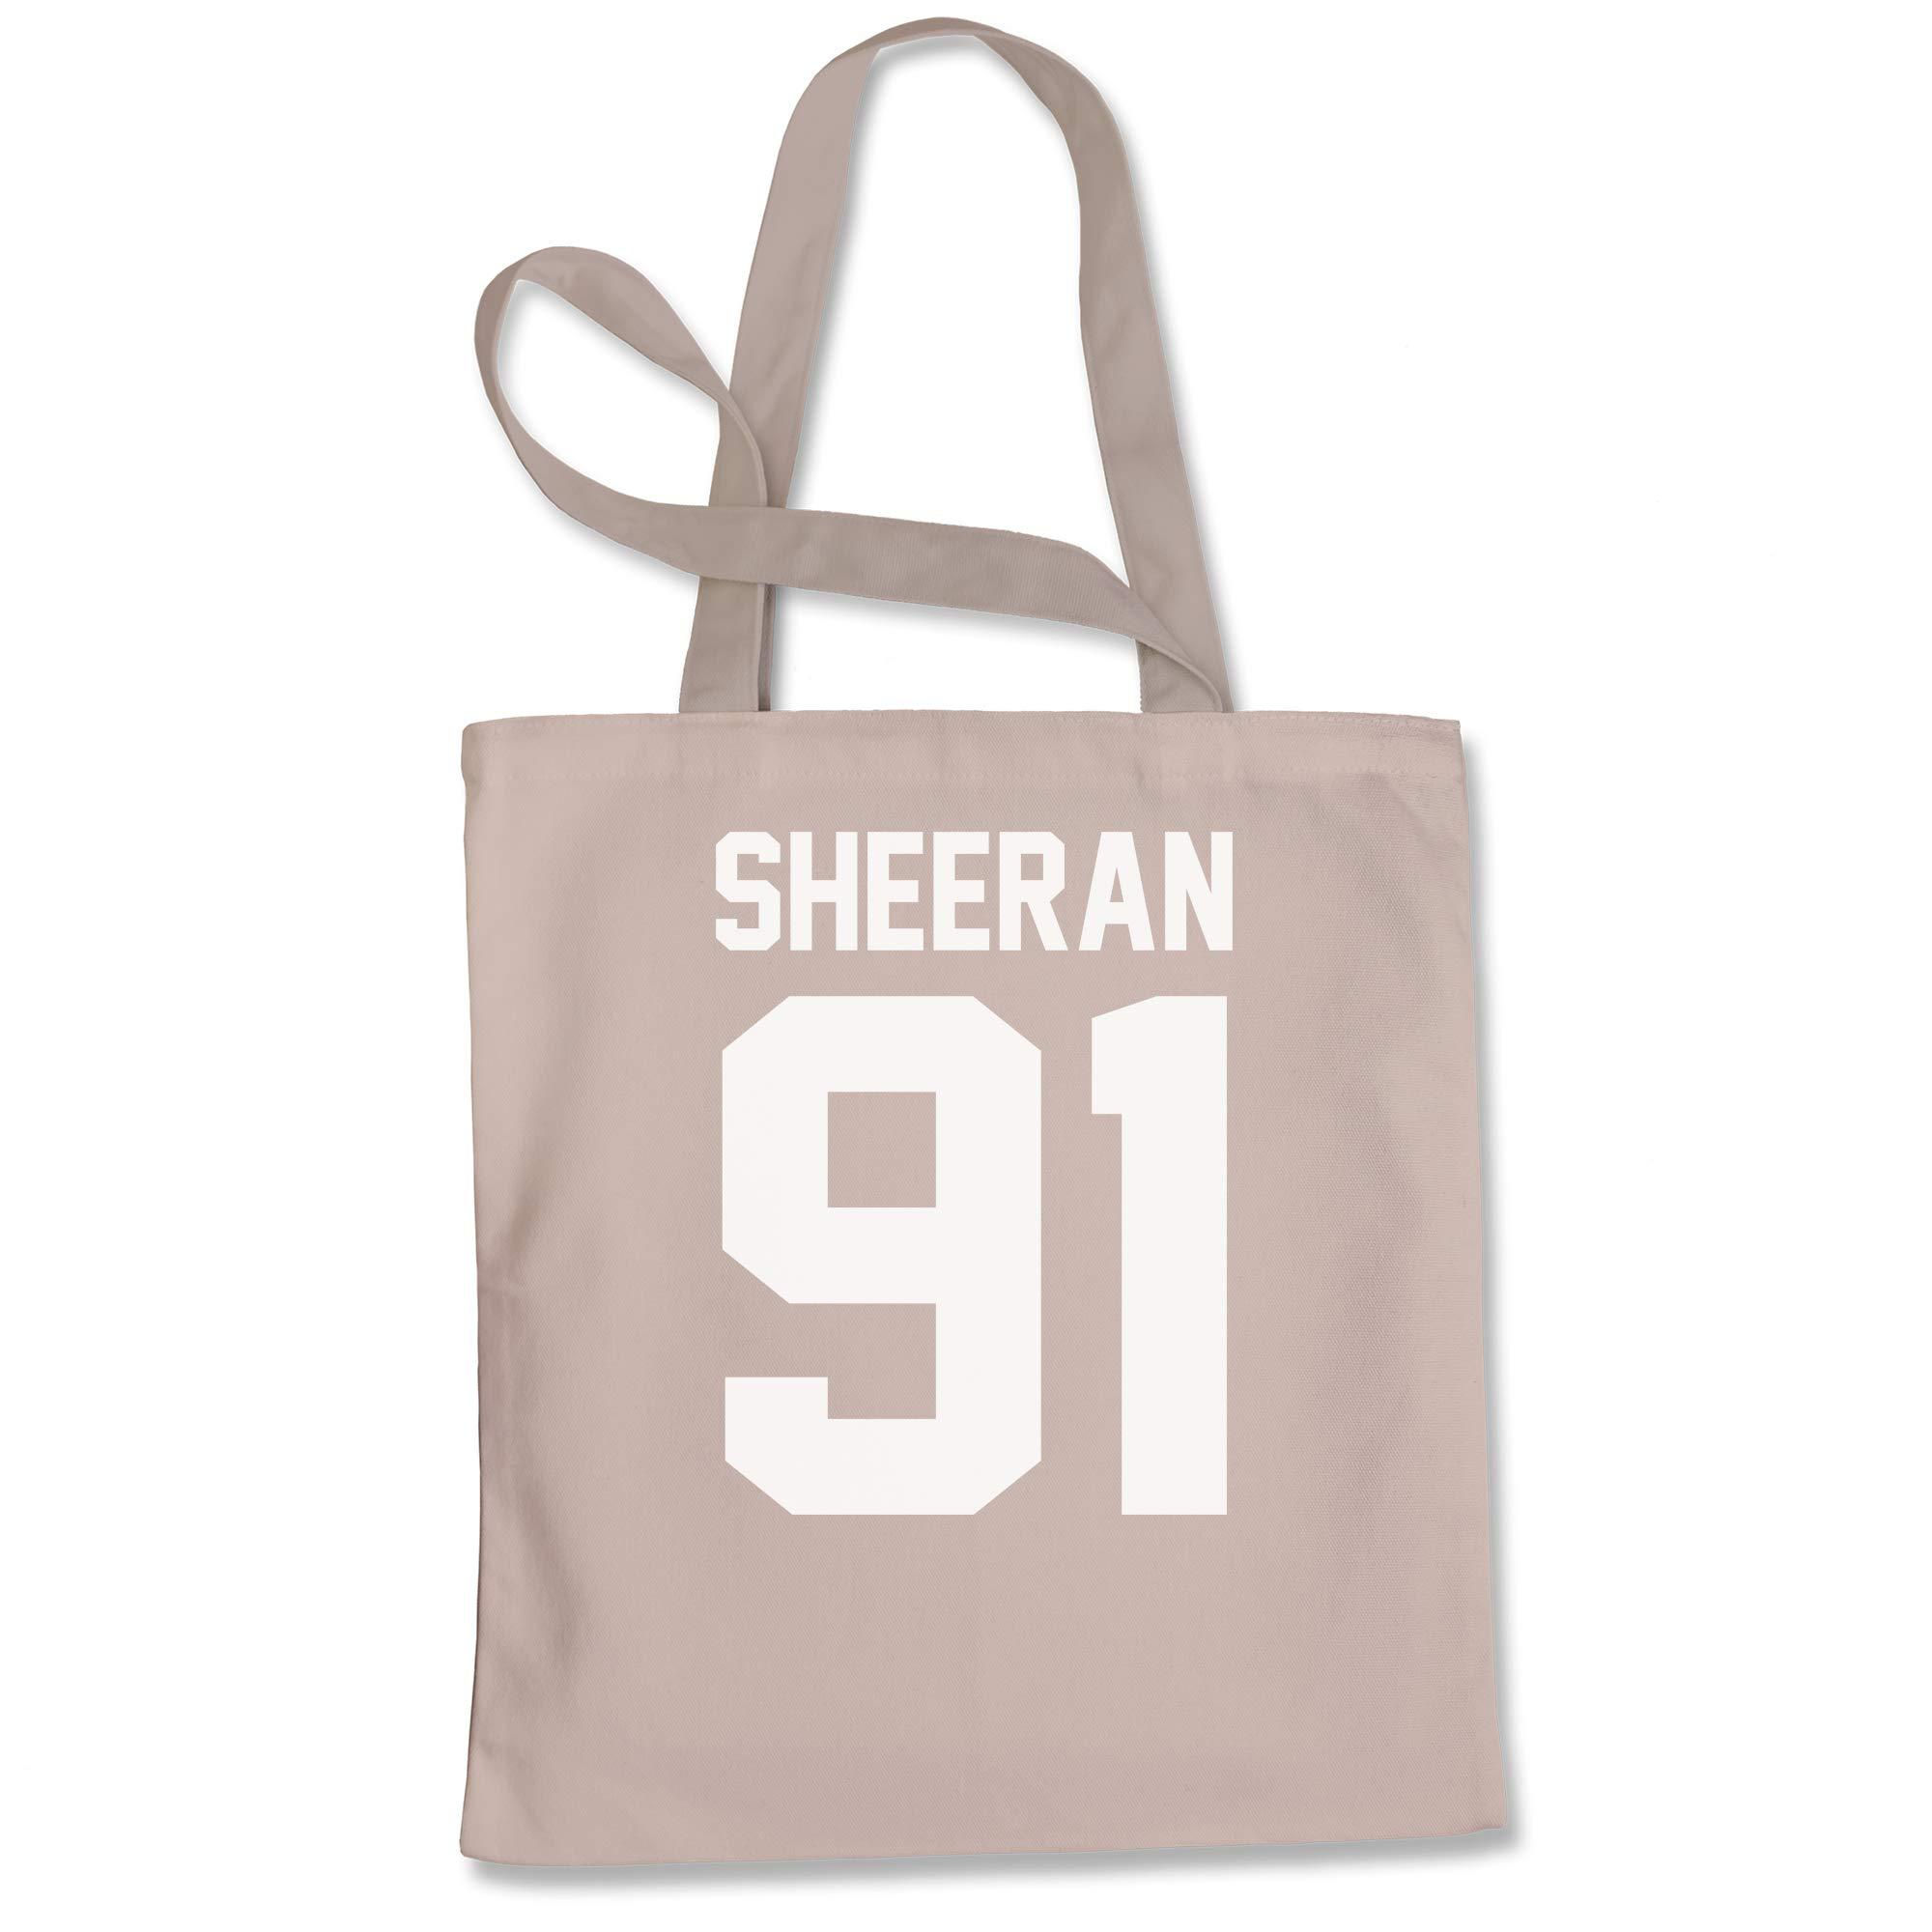 Tote Bag Sheeran 91 Jersey Style Birthday Year Natural Shopping Bag